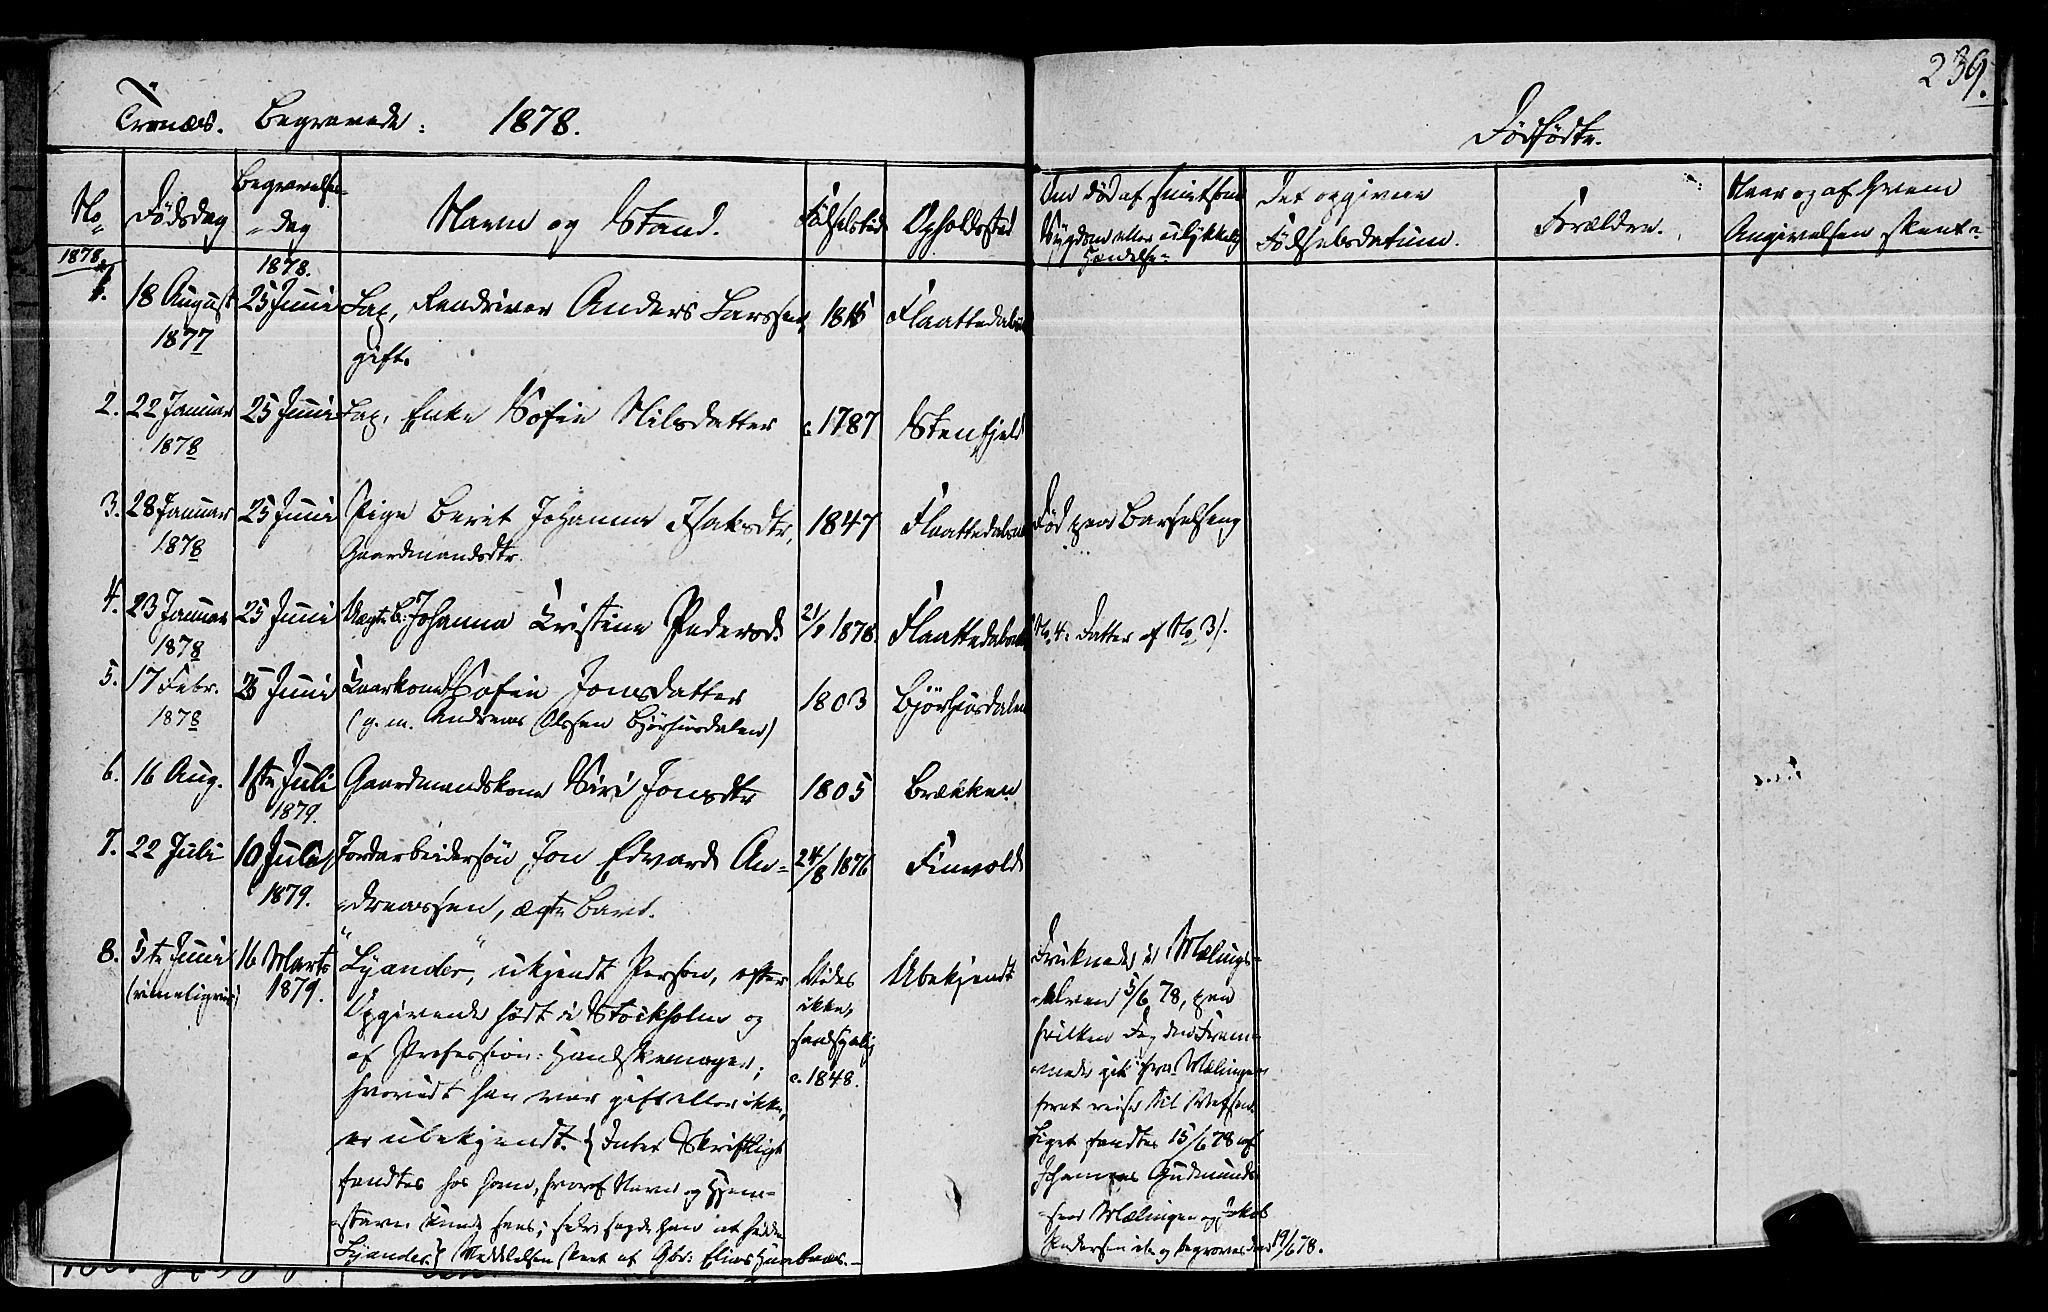 SAT, Ministerialprotokoller, klokkerbøker og fødselsregistre - Nord-Trøndelag, 762/L0538: Ministerialbok nr. 762A02 /2, 1833-1879, s. 239